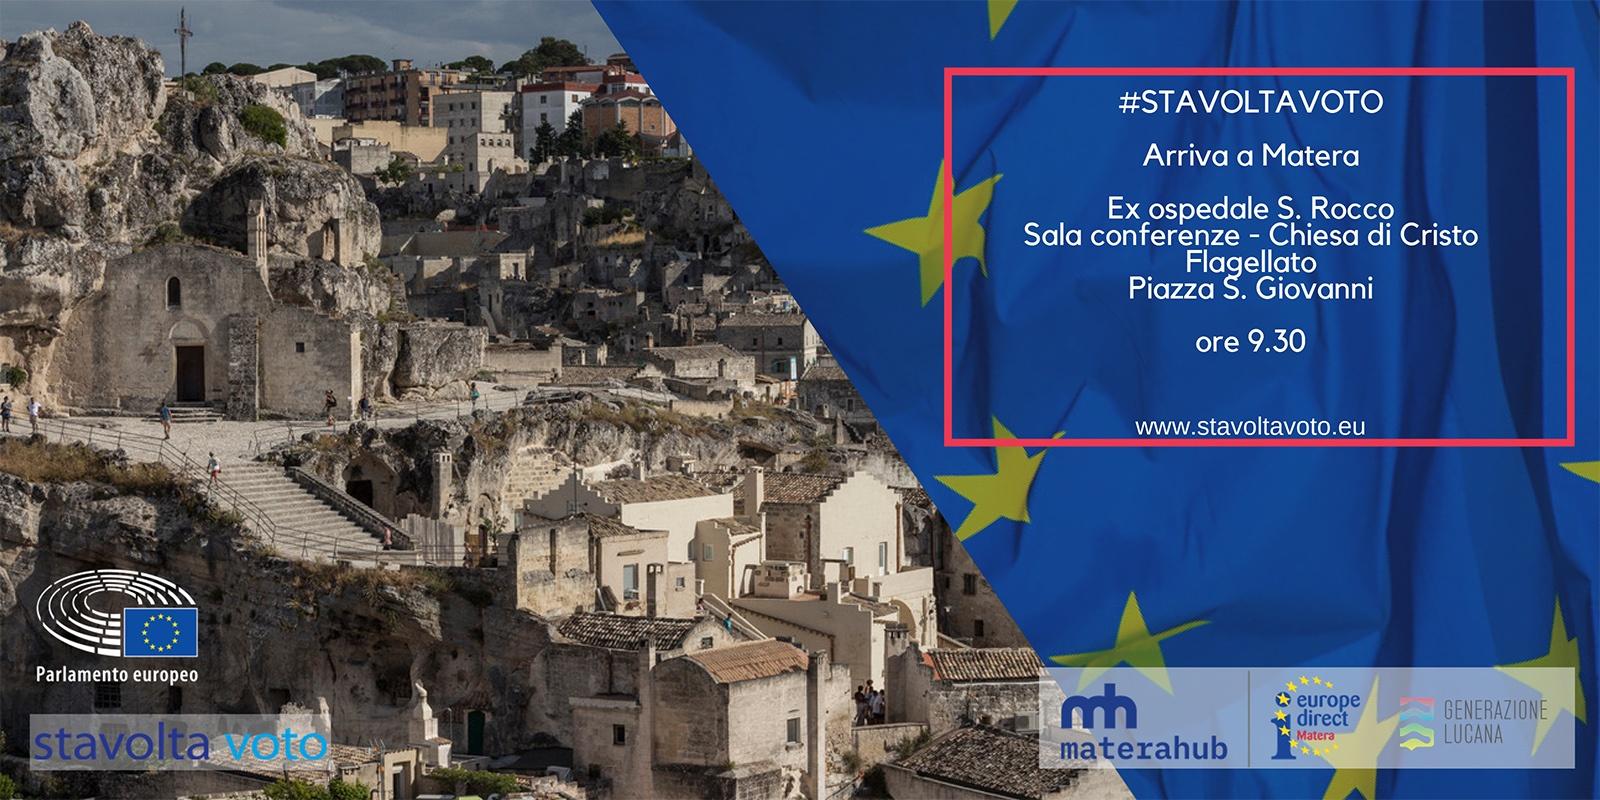 """COMUNICATO STAMPA. La campagna informativa """"Stavolta voto"""" fa tappa nella Capitale Europea della Cultura 2019"""